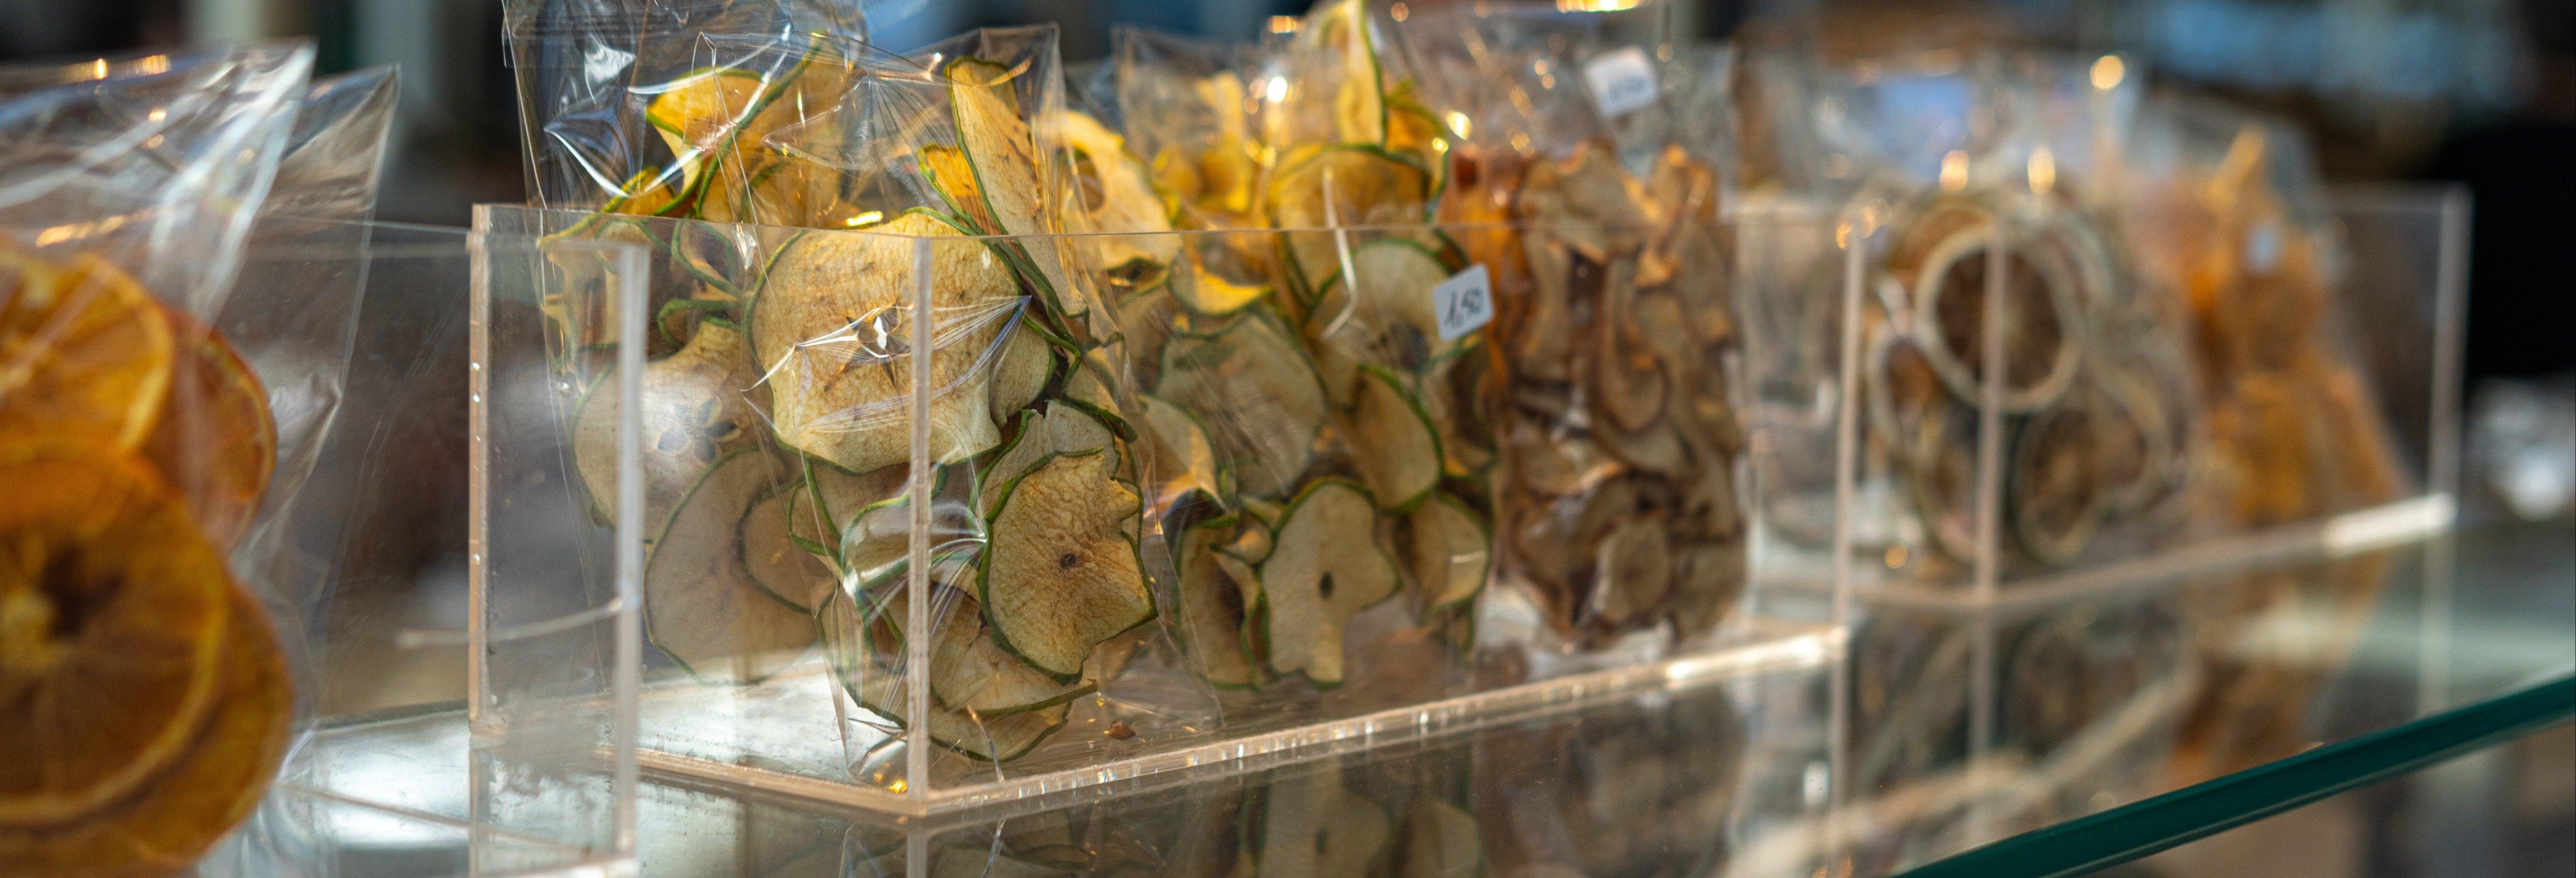 Food Tour of Porto